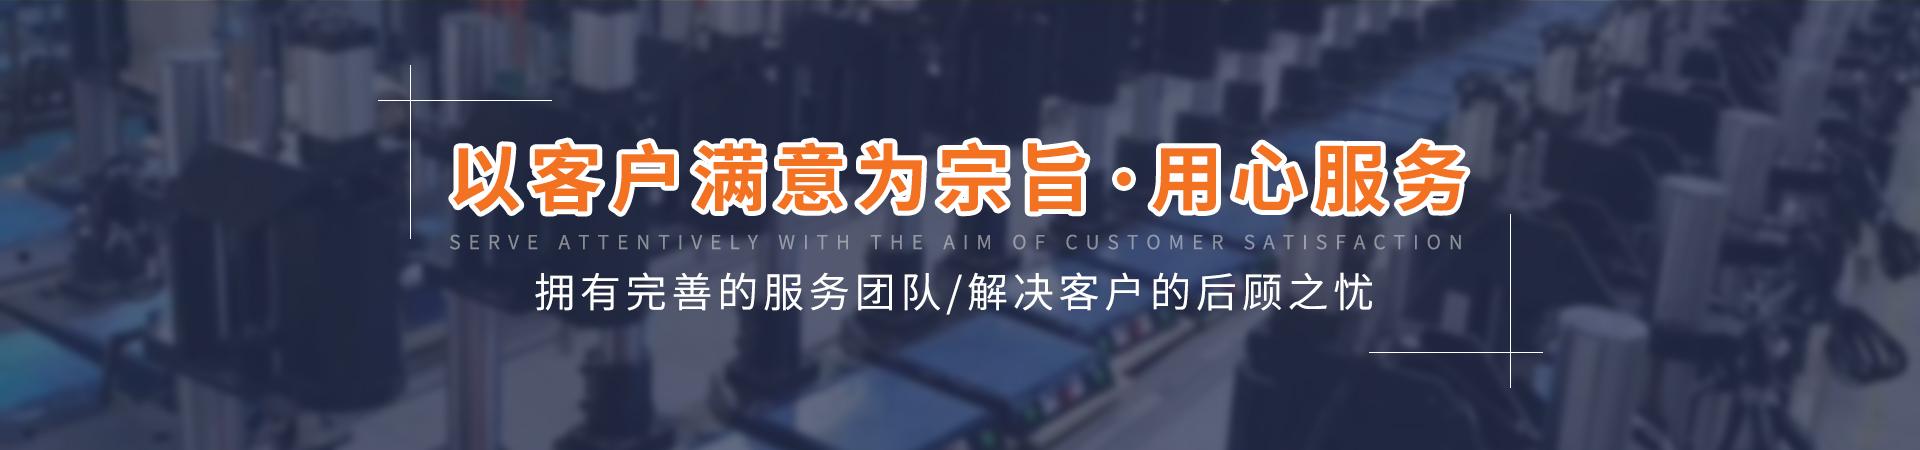 http://www.zsvi.com.cn/data/upload/202011/20201127145721_741.jpg